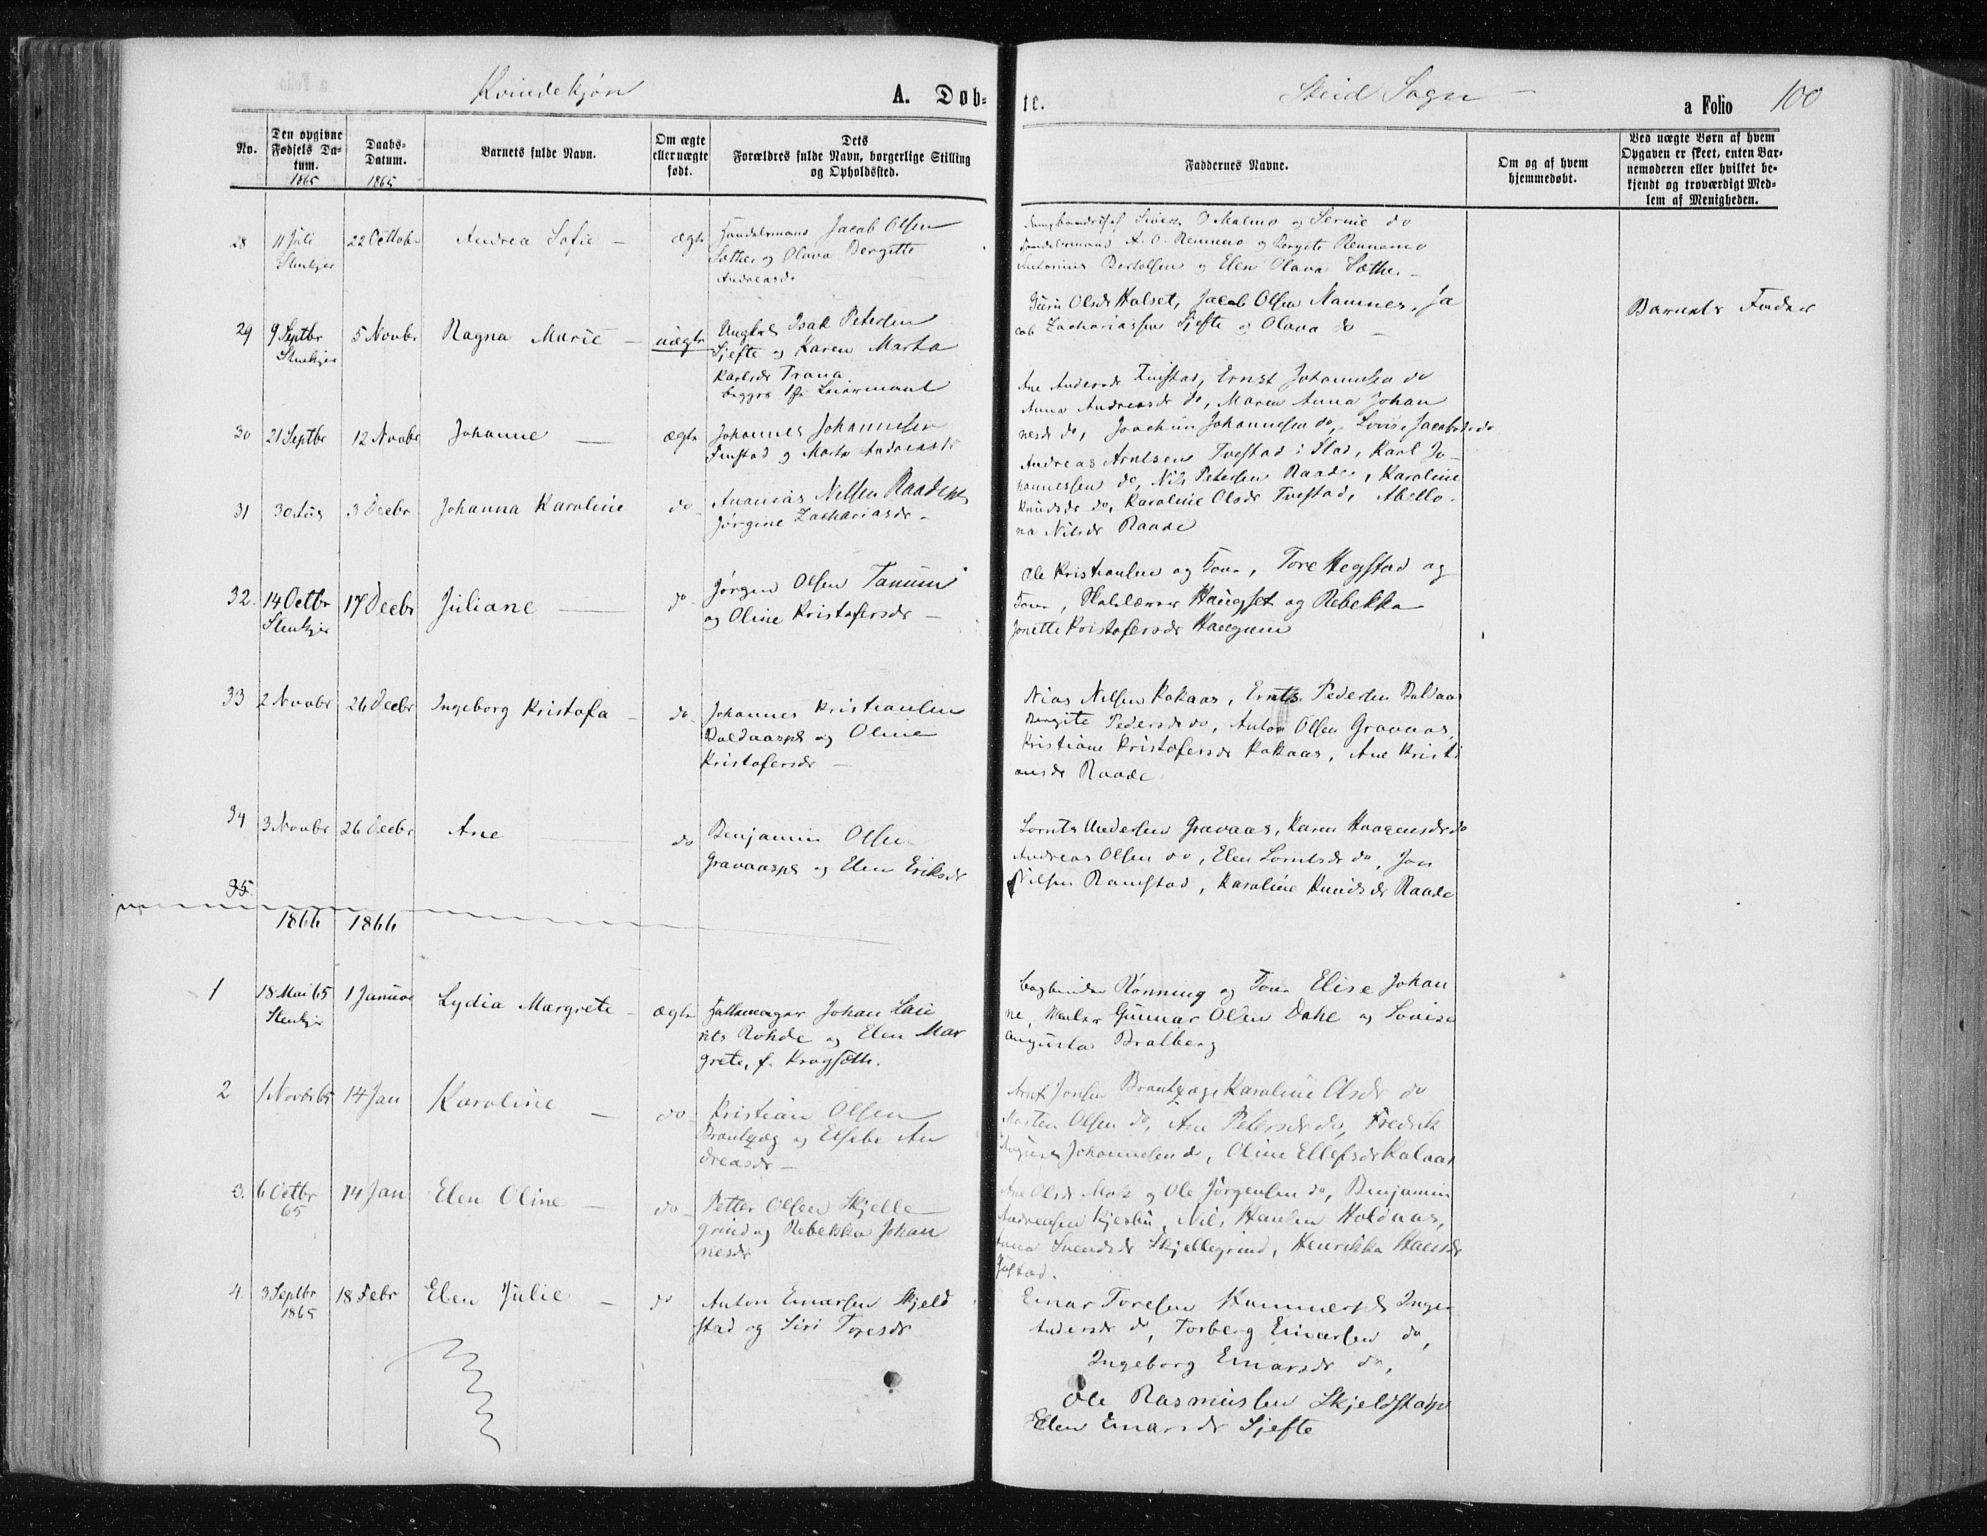 SAT, Ministerialprotokoller, klokkerbøker og fødselsregistre - Nord-Trøndelag, 735/L0345: Ministerialbok nr. 735A08 /2, 1863-1872, s. 100